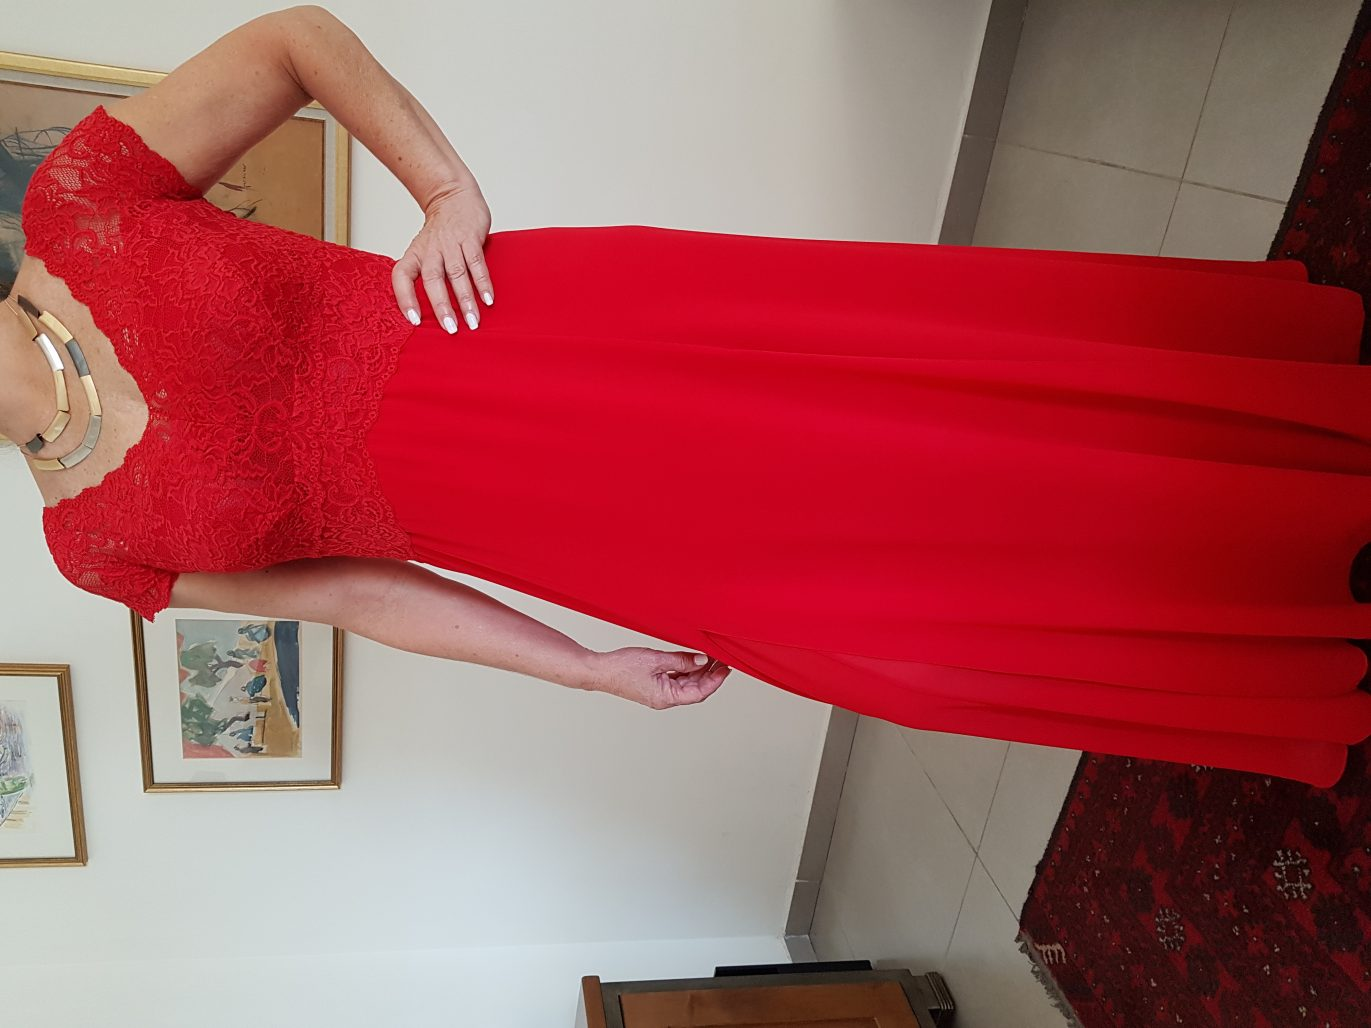 תמונות נוספות של שמלת ערב איכותית בצבע אדום. עליון תחרה.